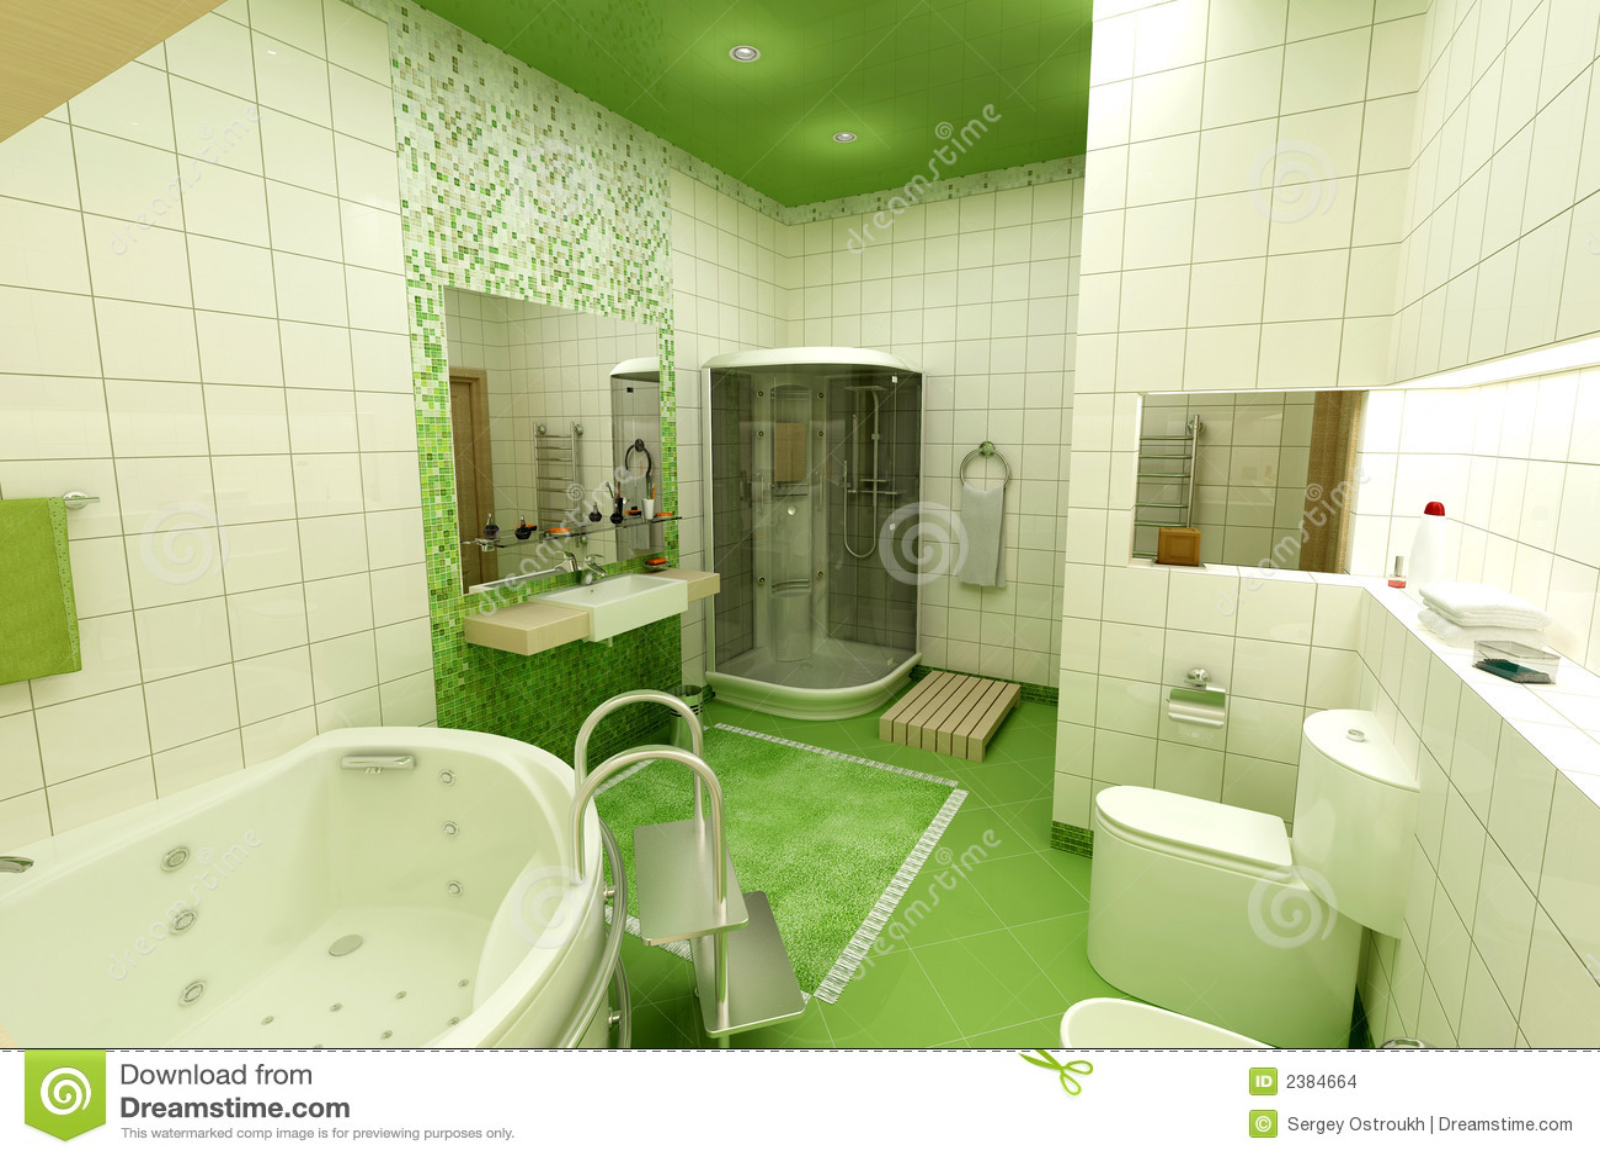 Stanza Da Bagno Verde Immagini Stock - Immagine: 2384664